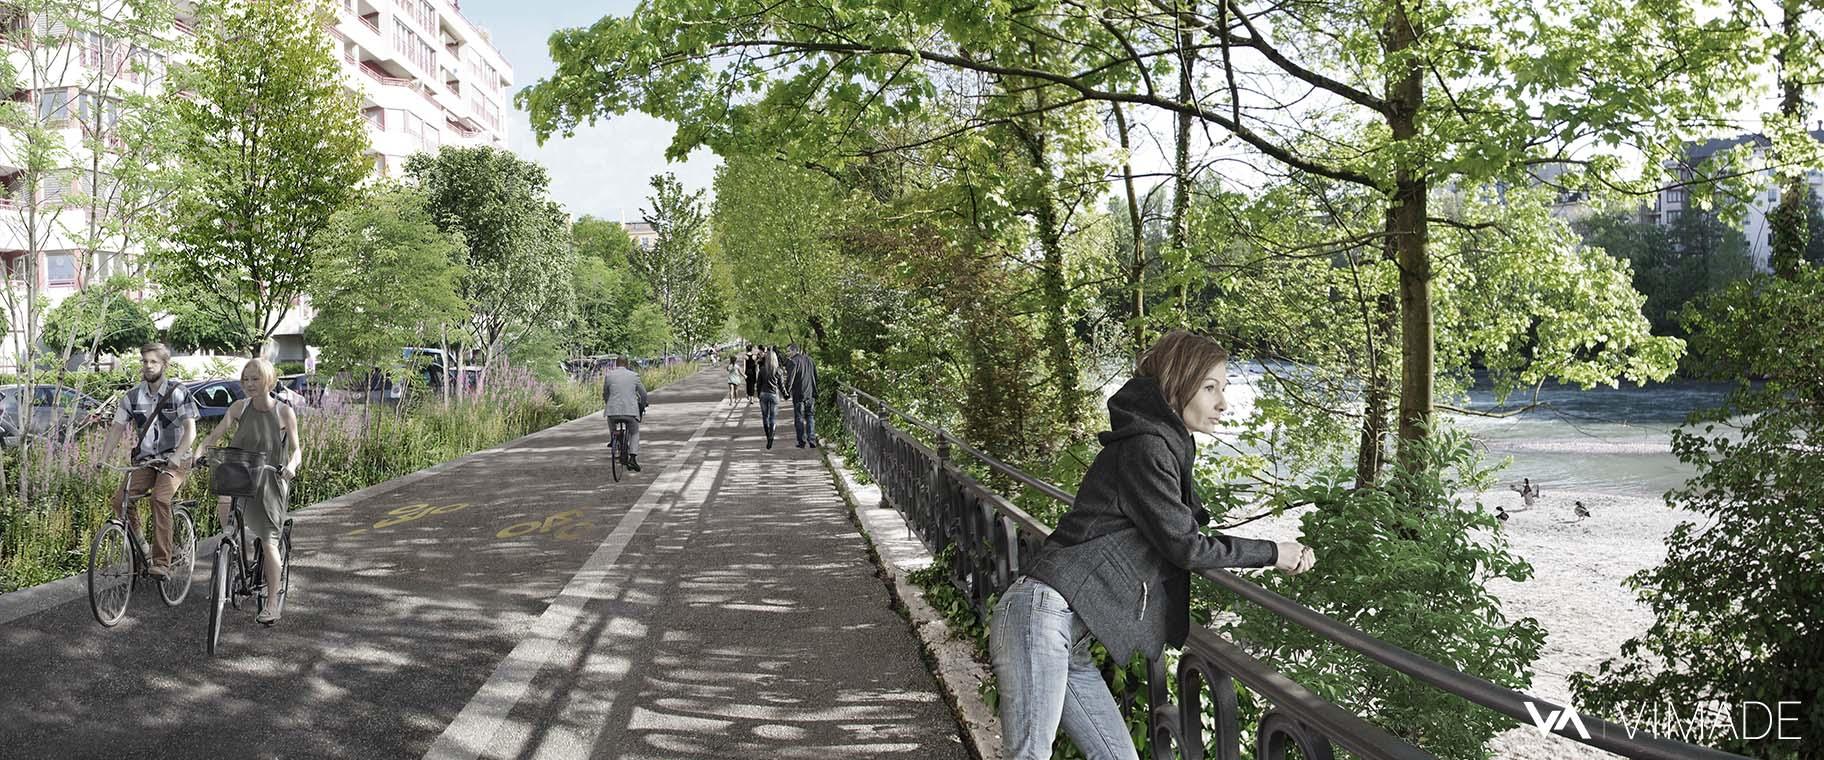 Perspective d'ambiance pour l'image directrice de l'aménagement des berges de l'Arve à Genève par le bureau VIMADE Architectes paysagistes.